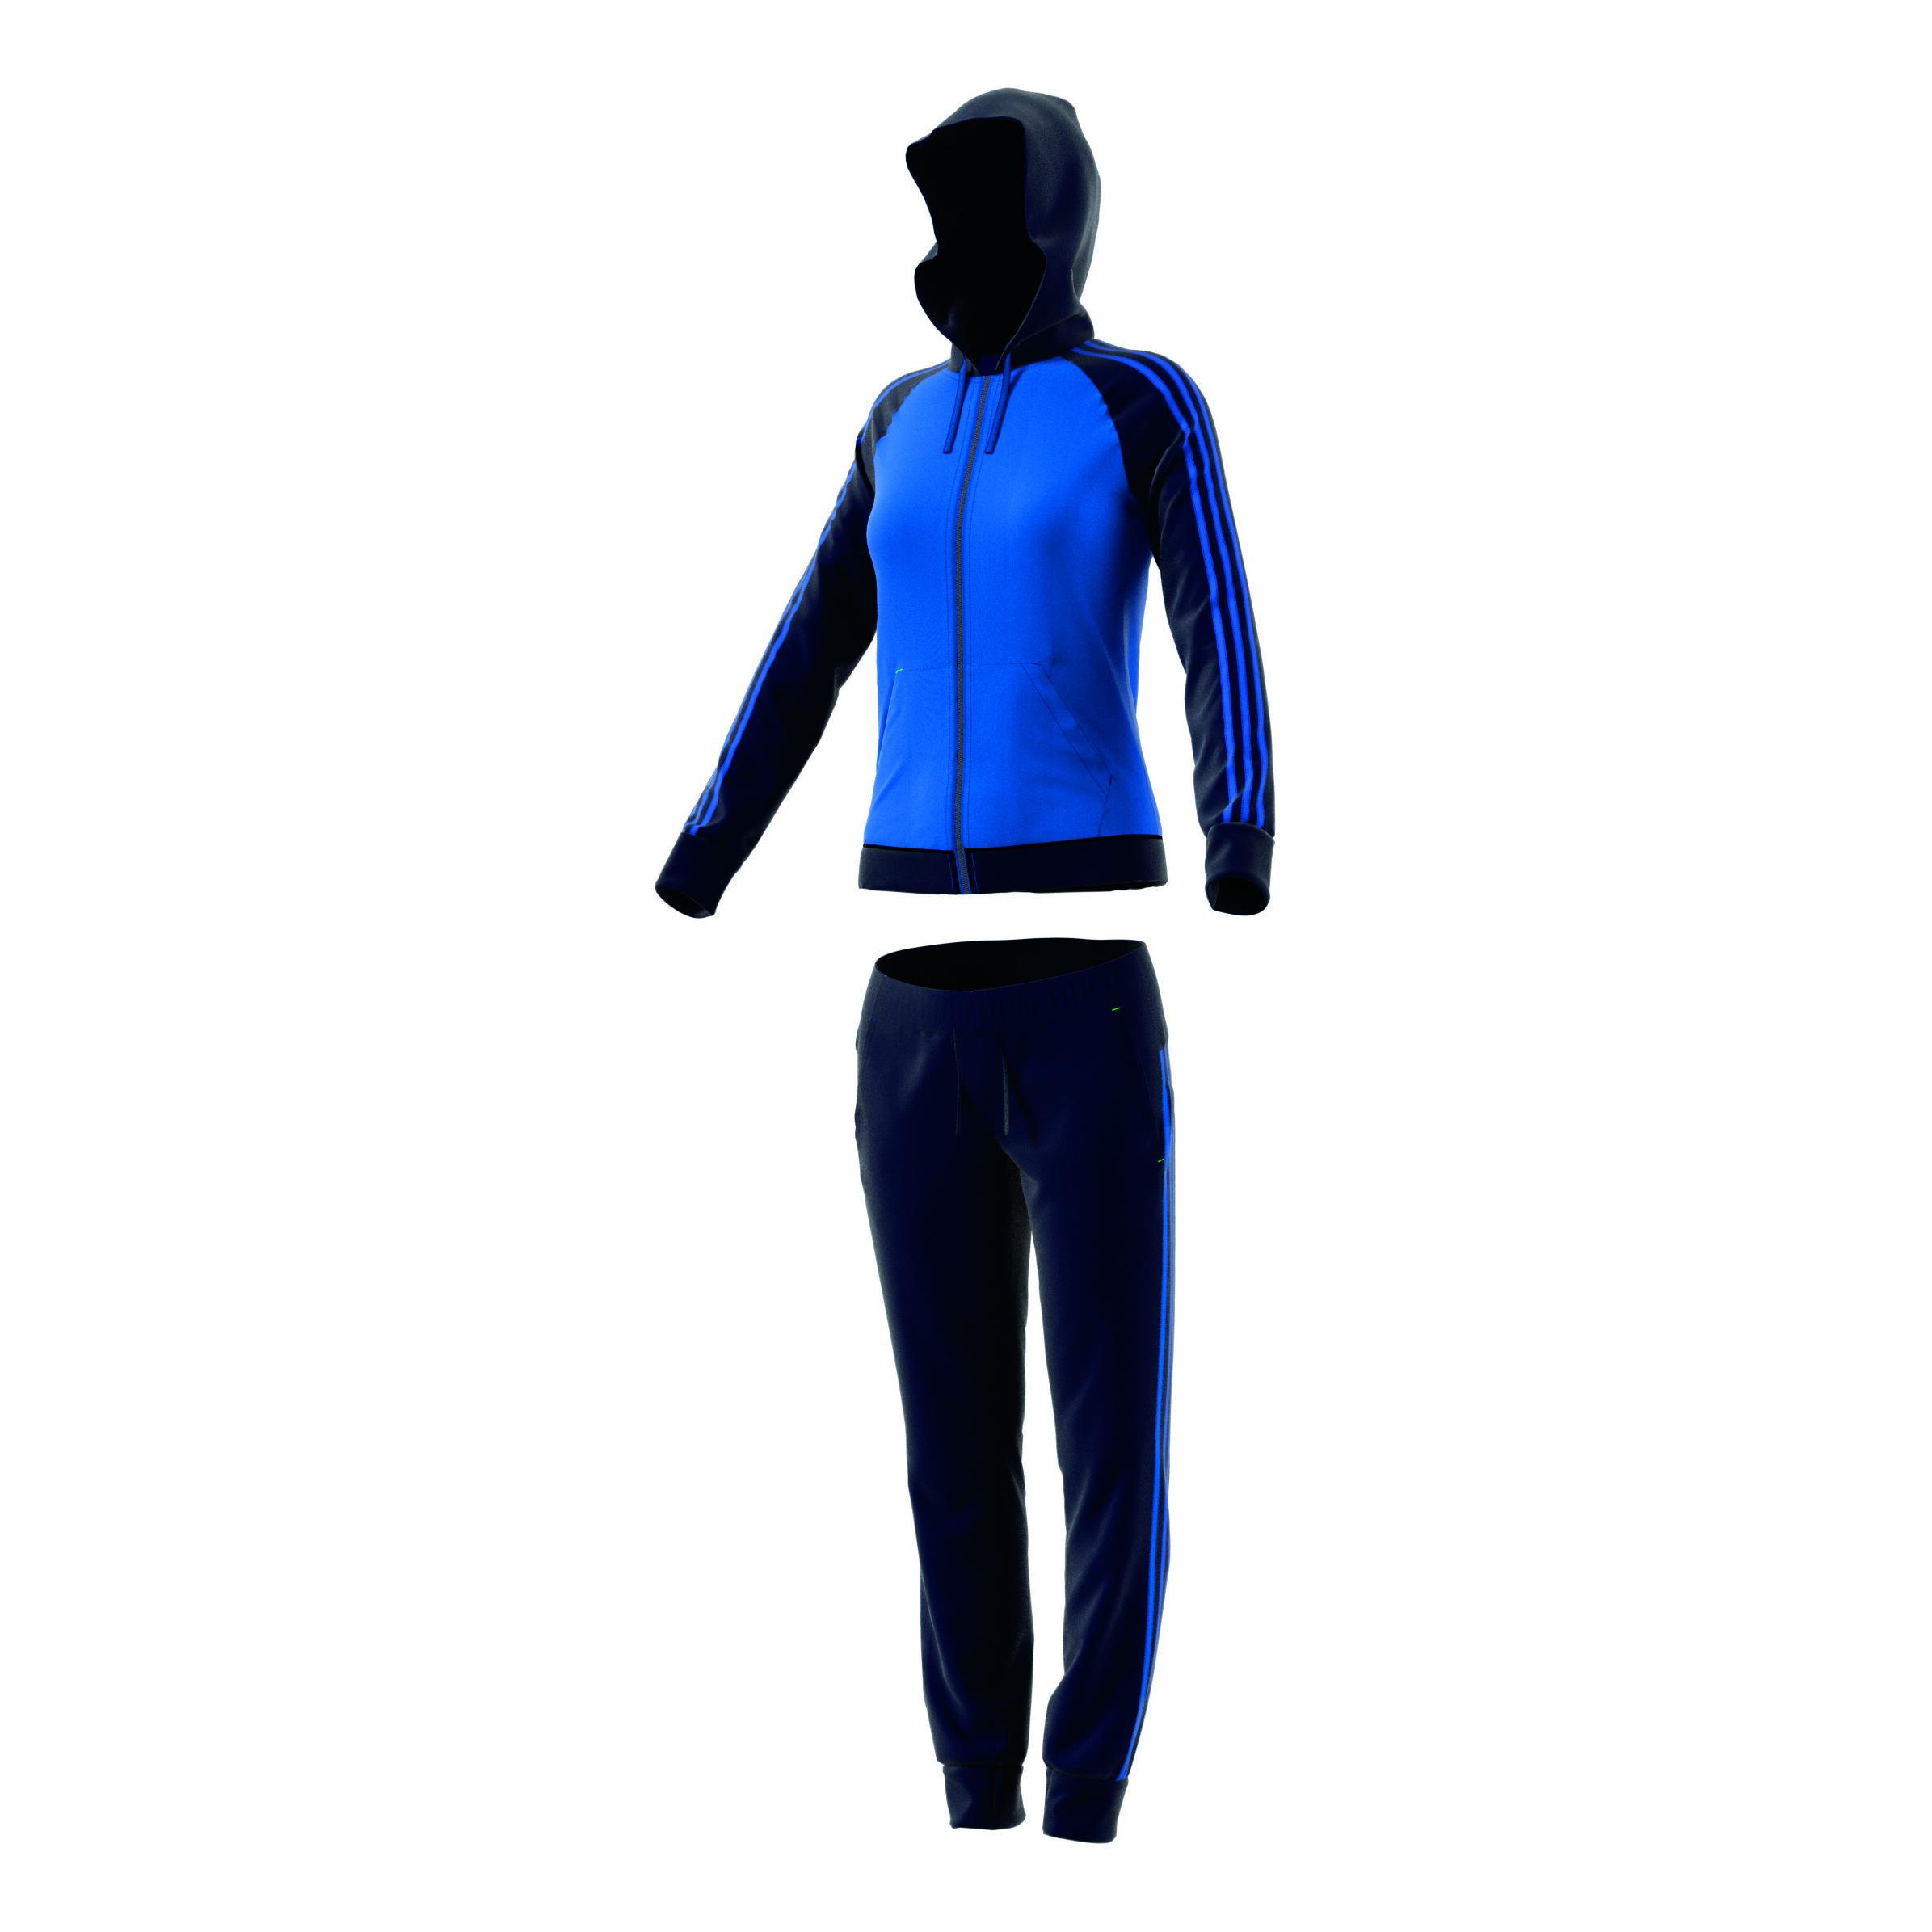 adidas Re Focus Træningsdragt Damer Blå, Mørkeblå køb